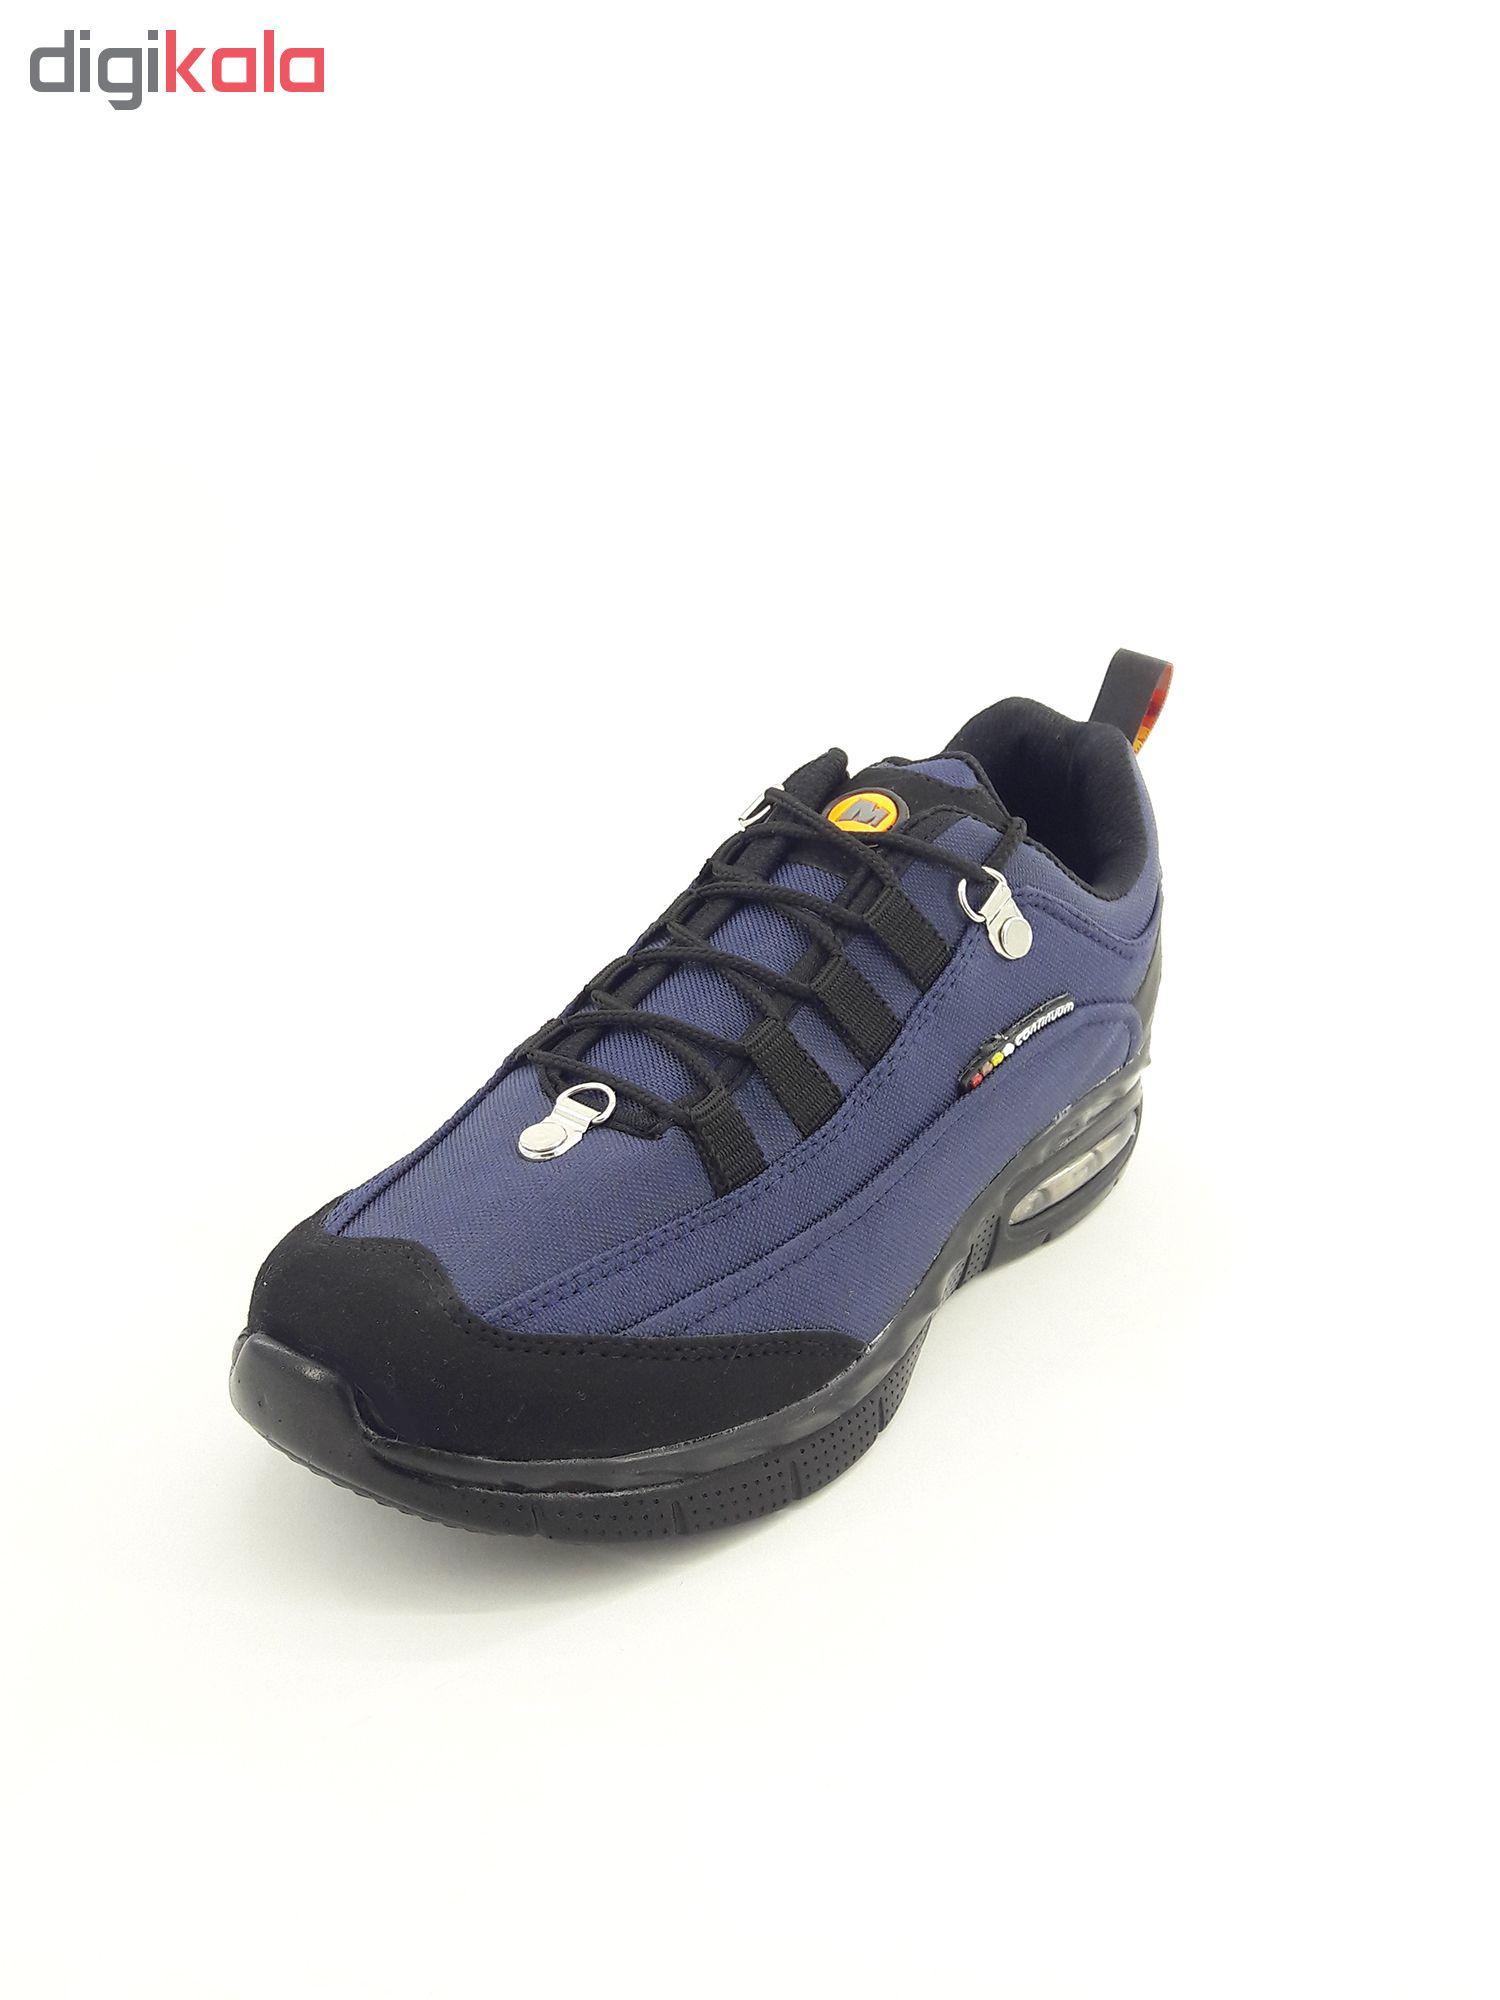 کفش راحتی مردانه کانتینیوم مدل Nvy001